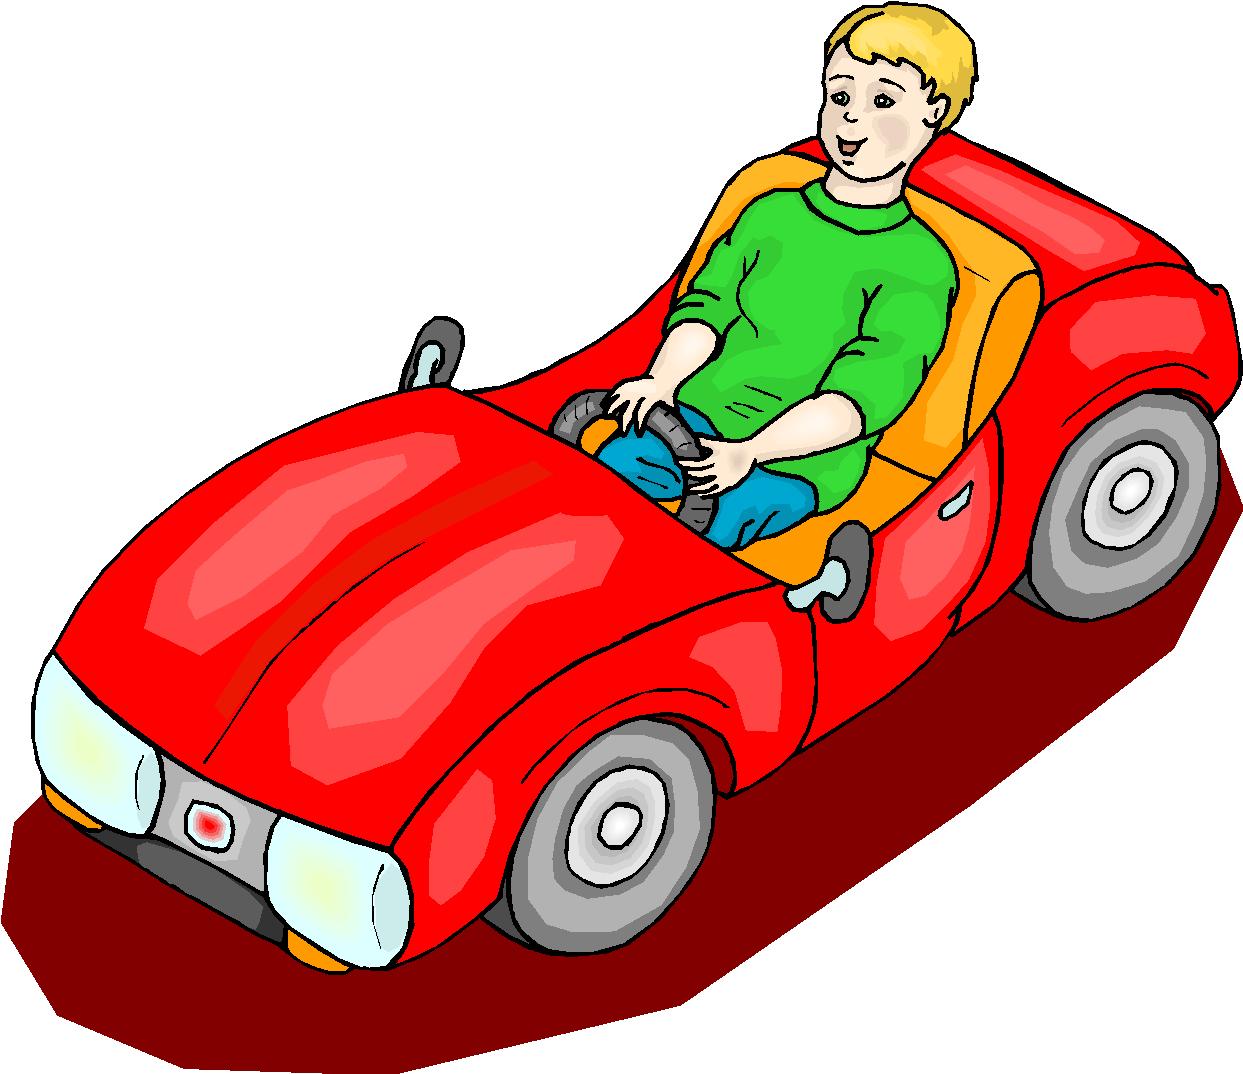 Car Free Clipart - Clipart Kid